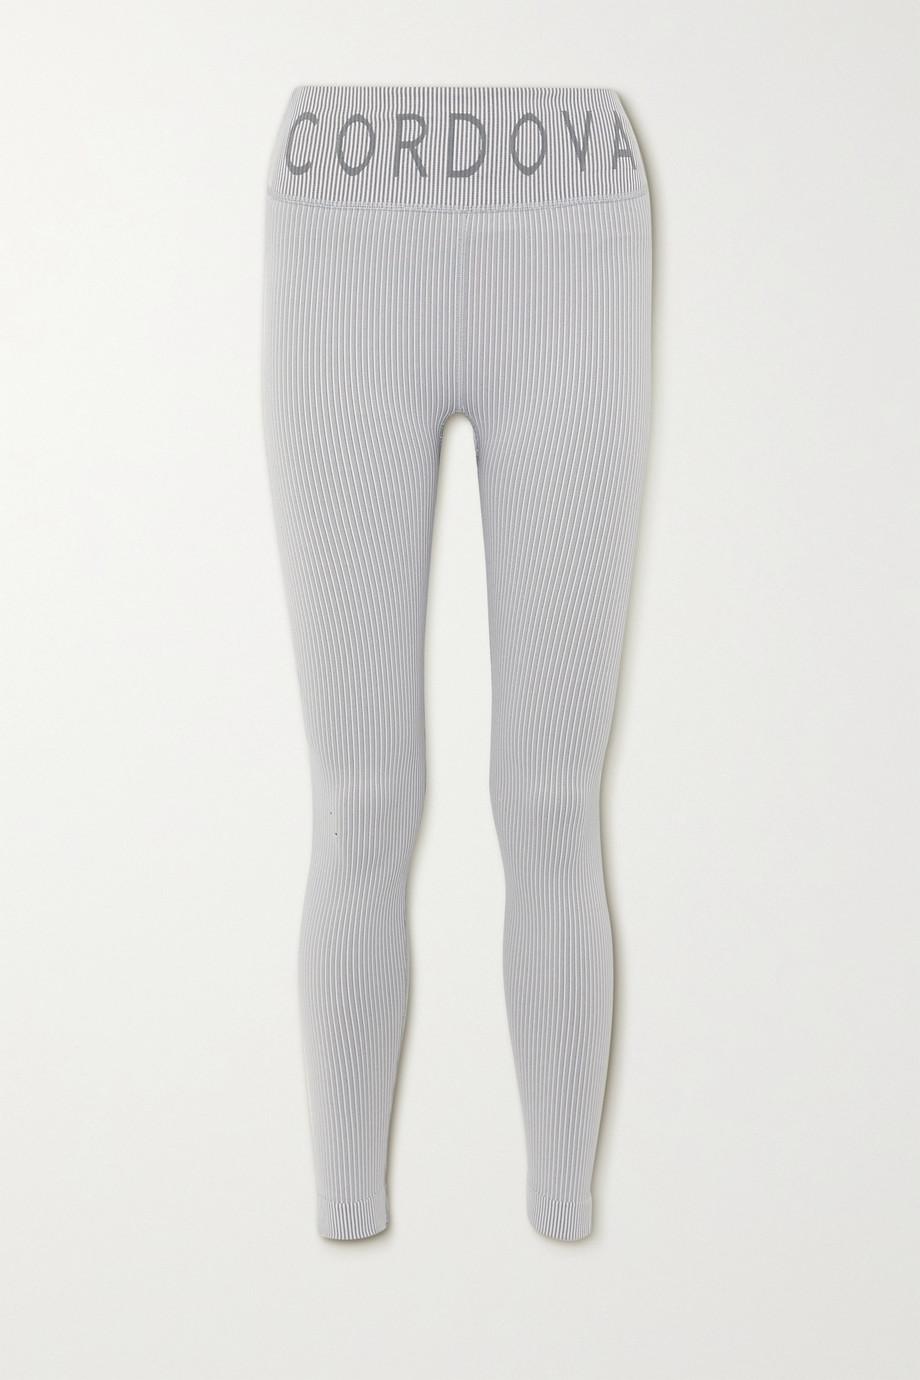 Cordova Signature ribbed intarsia stretch-knit leggings